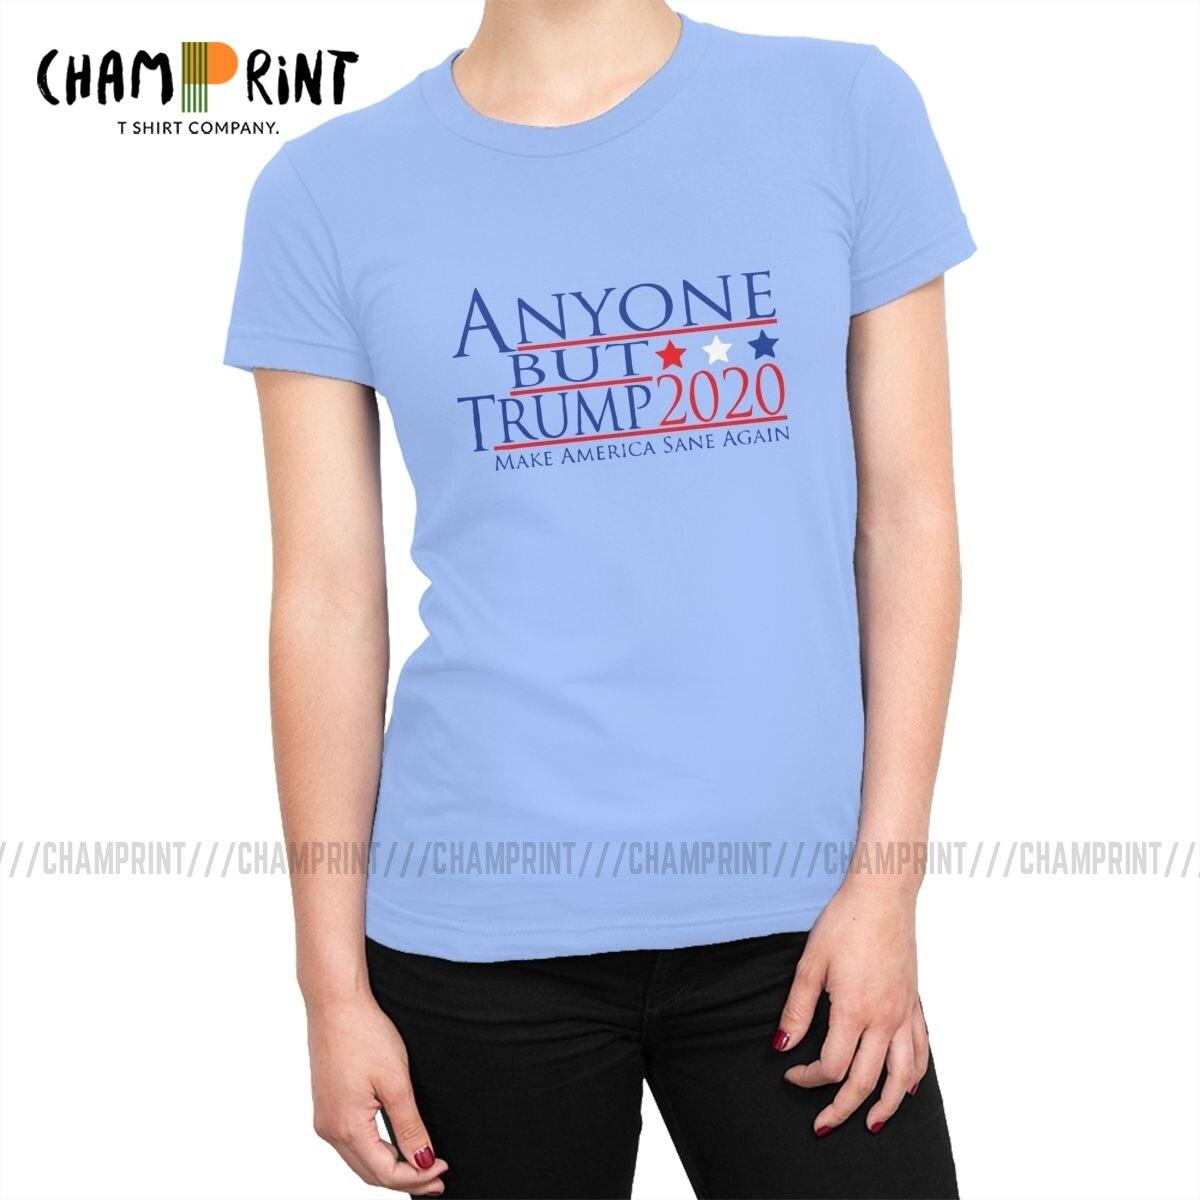 Кто-то но Трамп 2020 толстовки с надписью «Make America нормальным снова Для женщин футболка президент выборов голоса кепки, кепки в стиле футболки ...